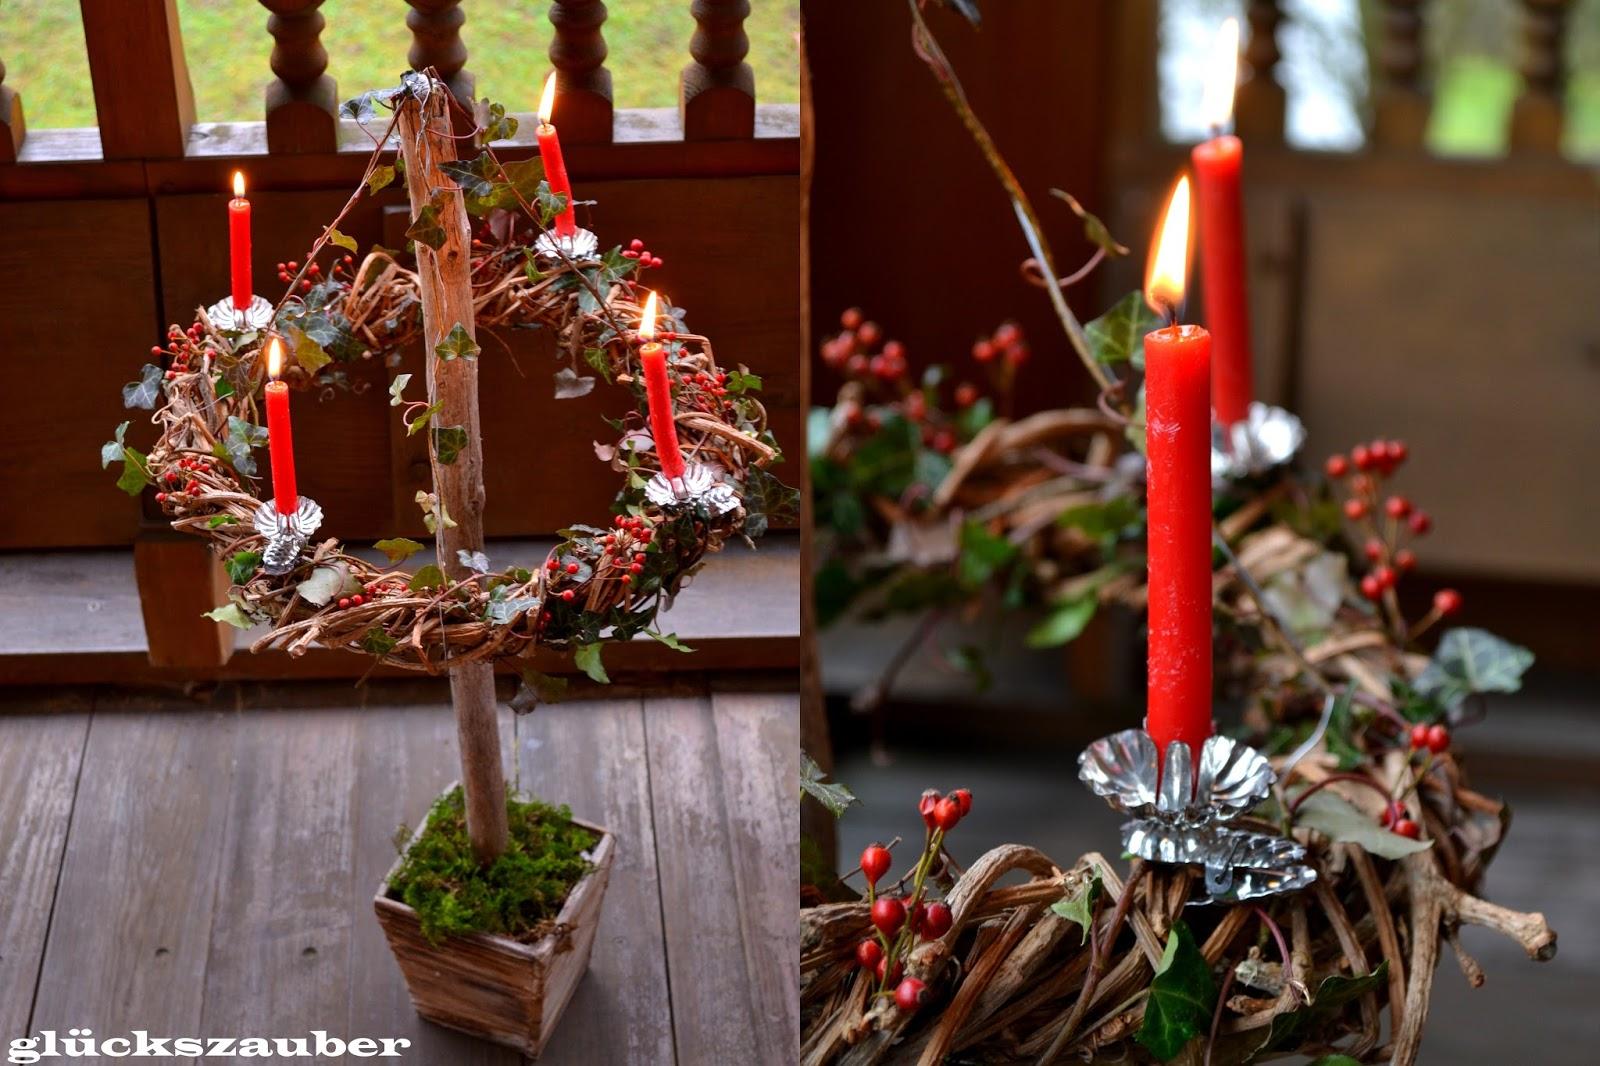 gl ckszauber h ngender adventskranz und weihnachtsbaum. Black Bedroom Furniture Sets. Home Design Ideas